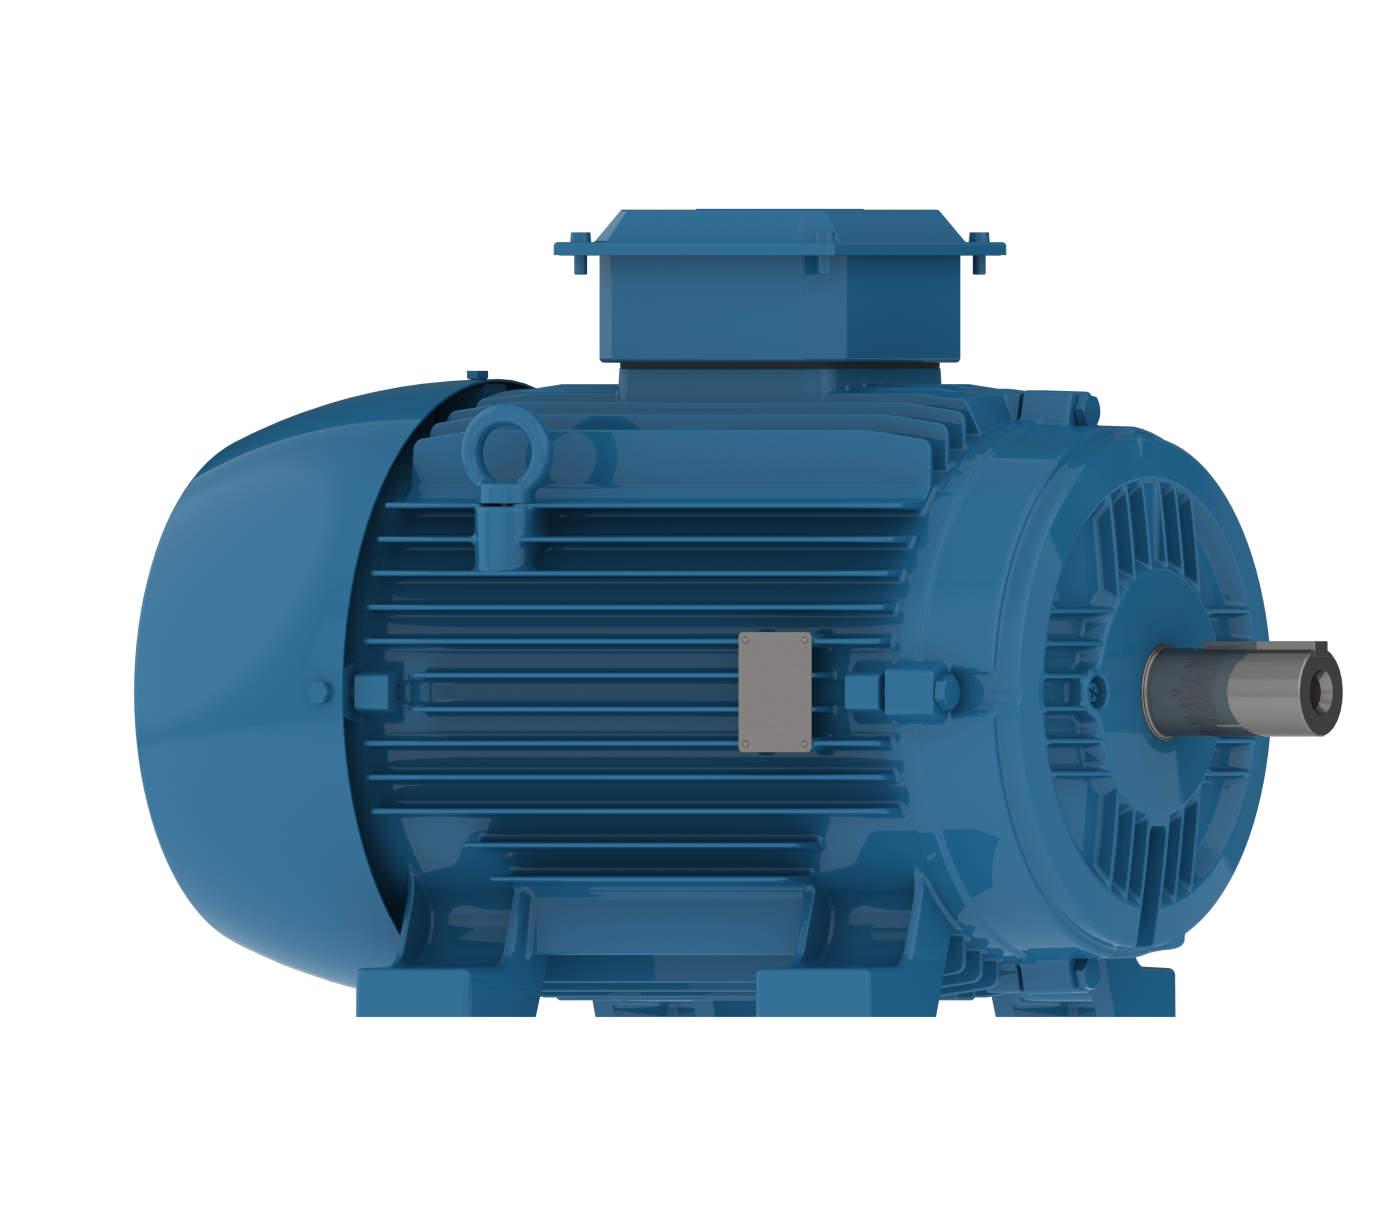 Электродвигатель W21 R-100S, 3 kW, 4 Pol, B3T, 220-240/380-415 V, 50 Hz, IE1, IP54, std.